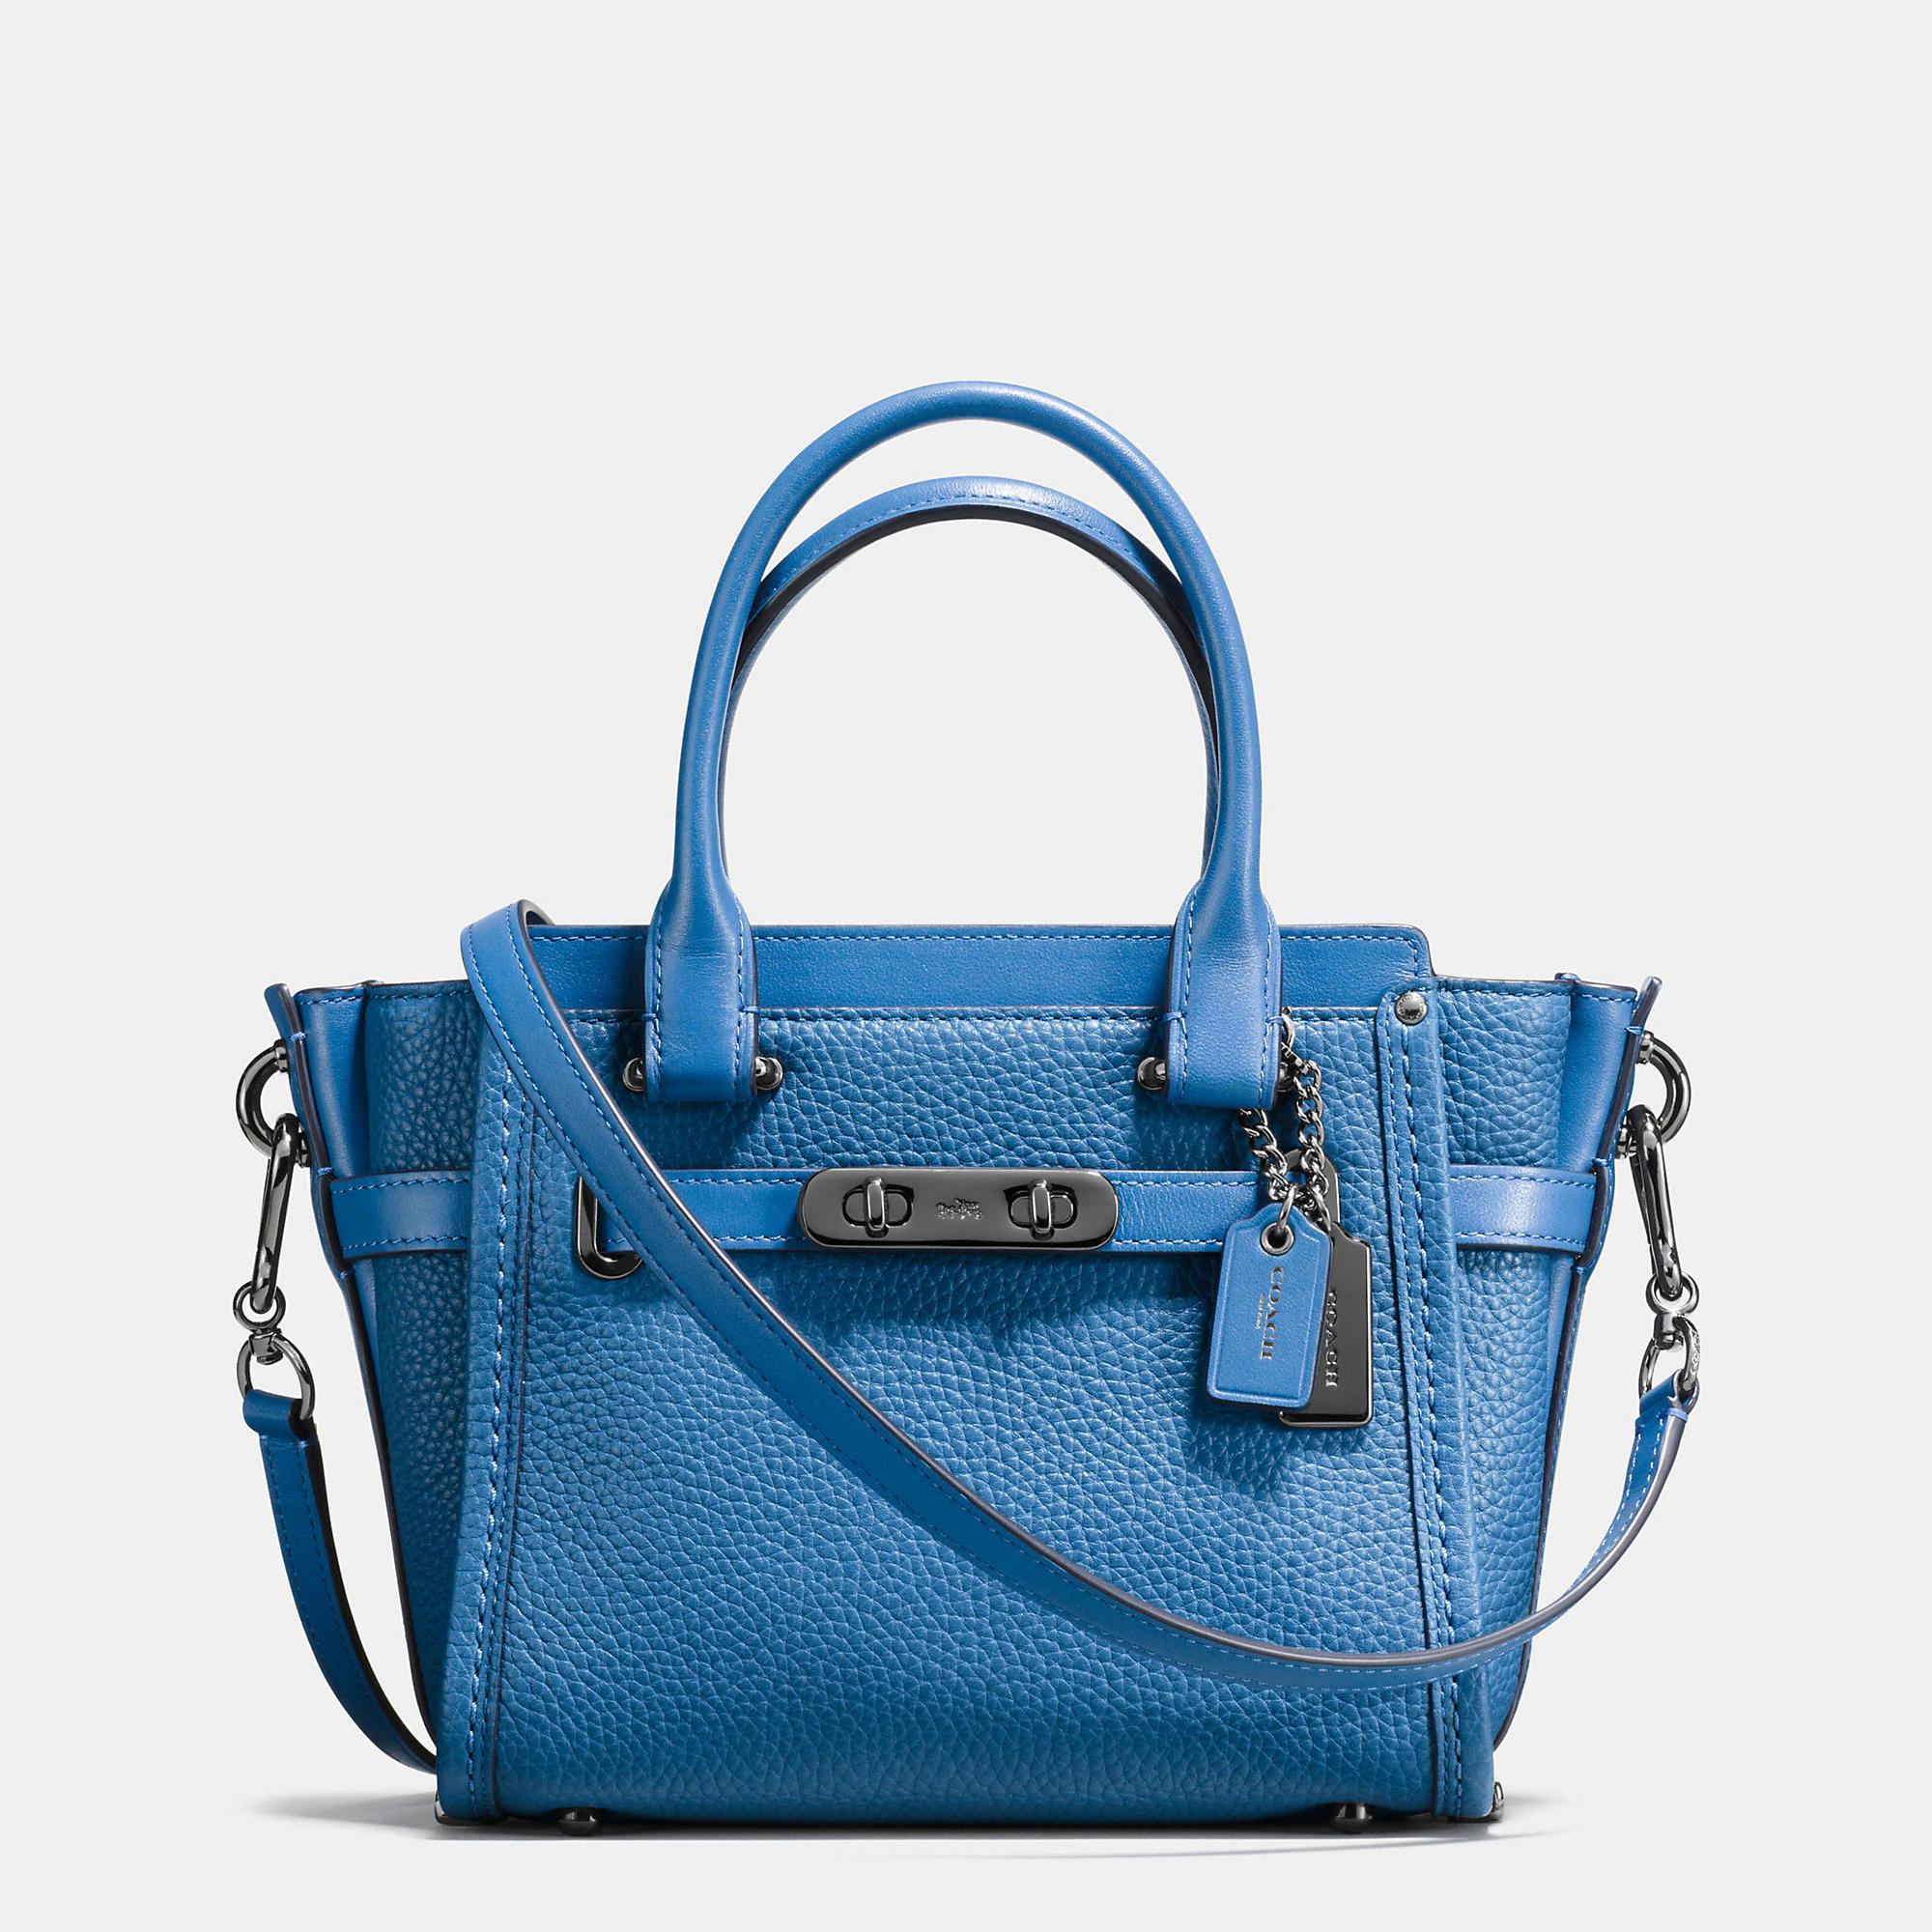 COACH SWAGGER 21 BLUE BAG